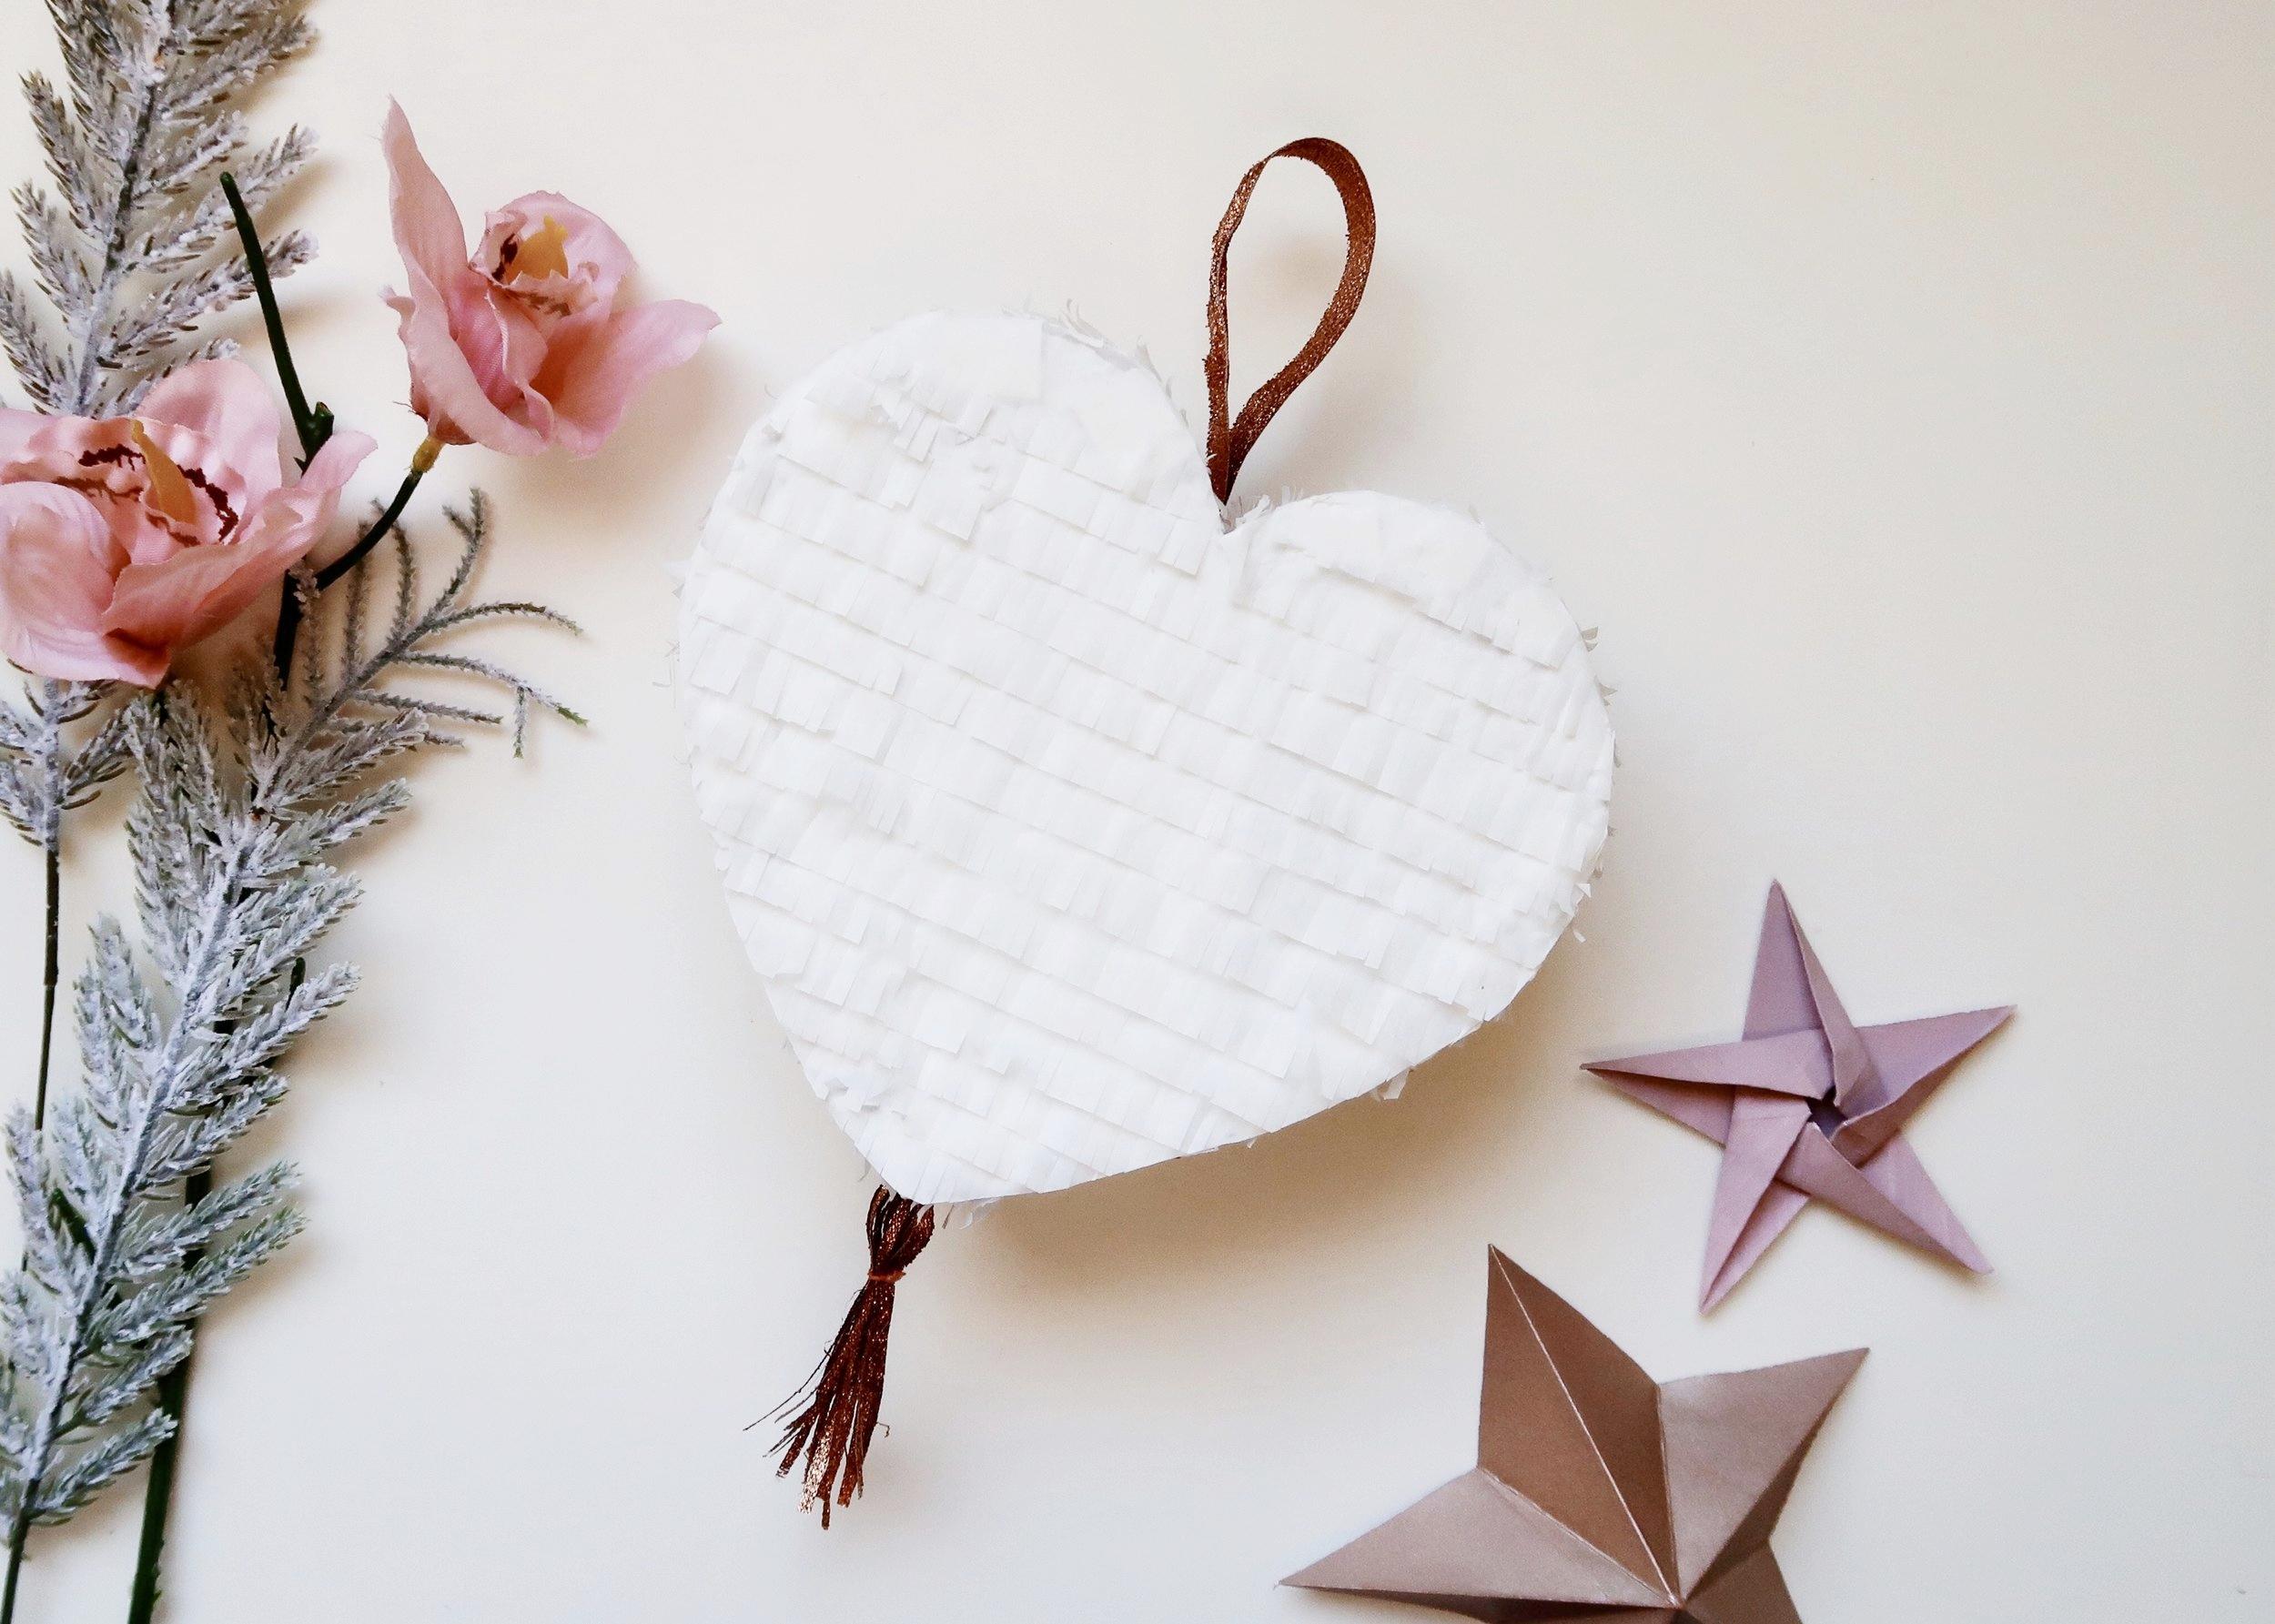 DIY Heart Pinata by Isoscella